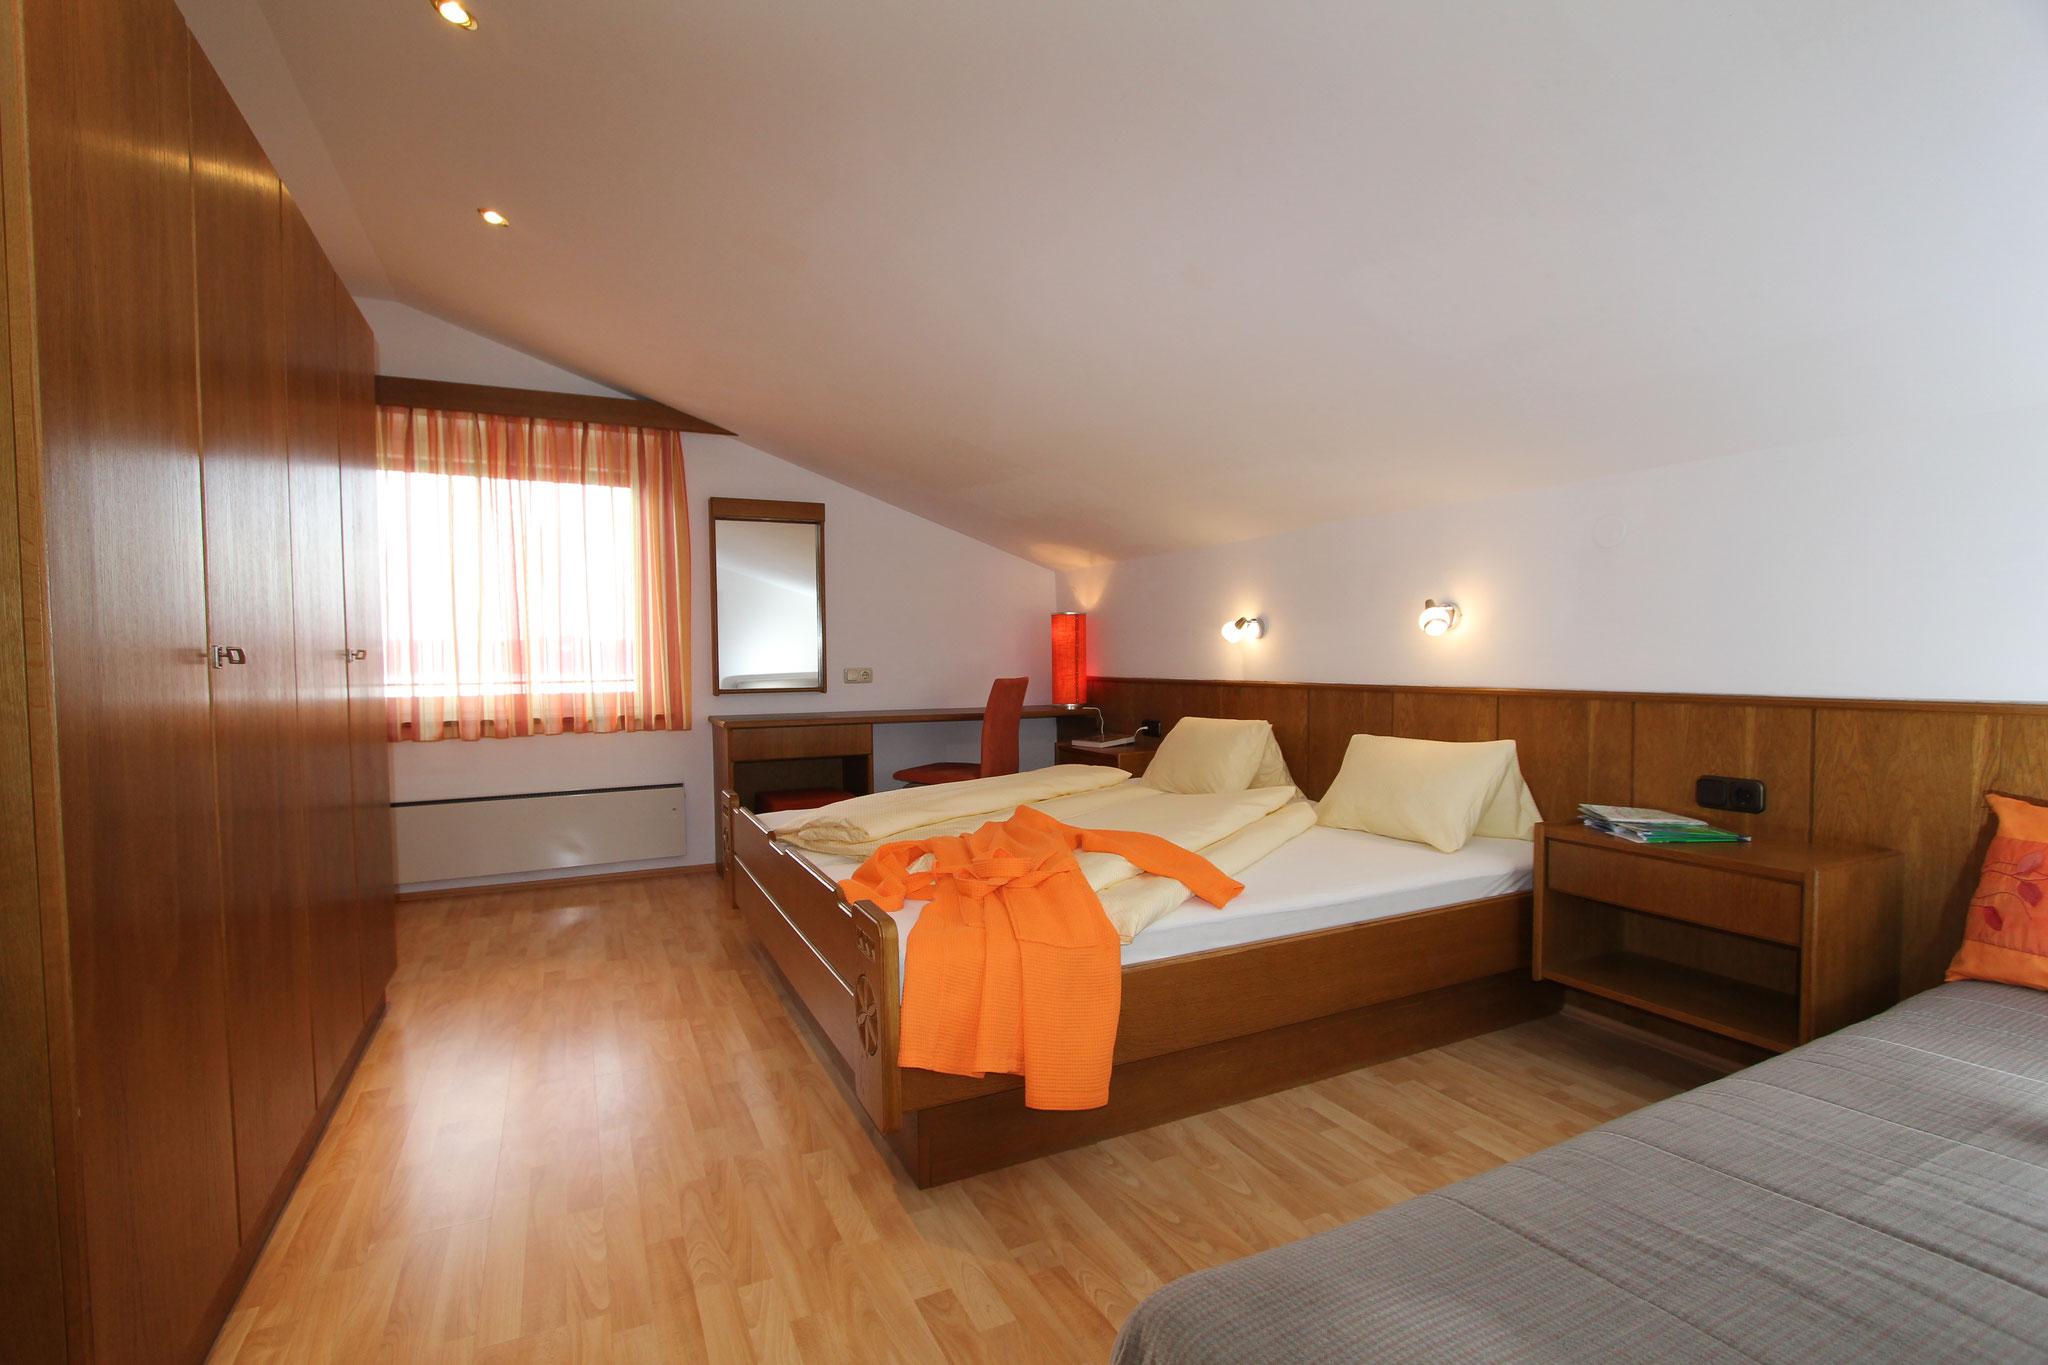 Schlafzimmer mit extra Schlafcouch in der 1. Ferienwohnung